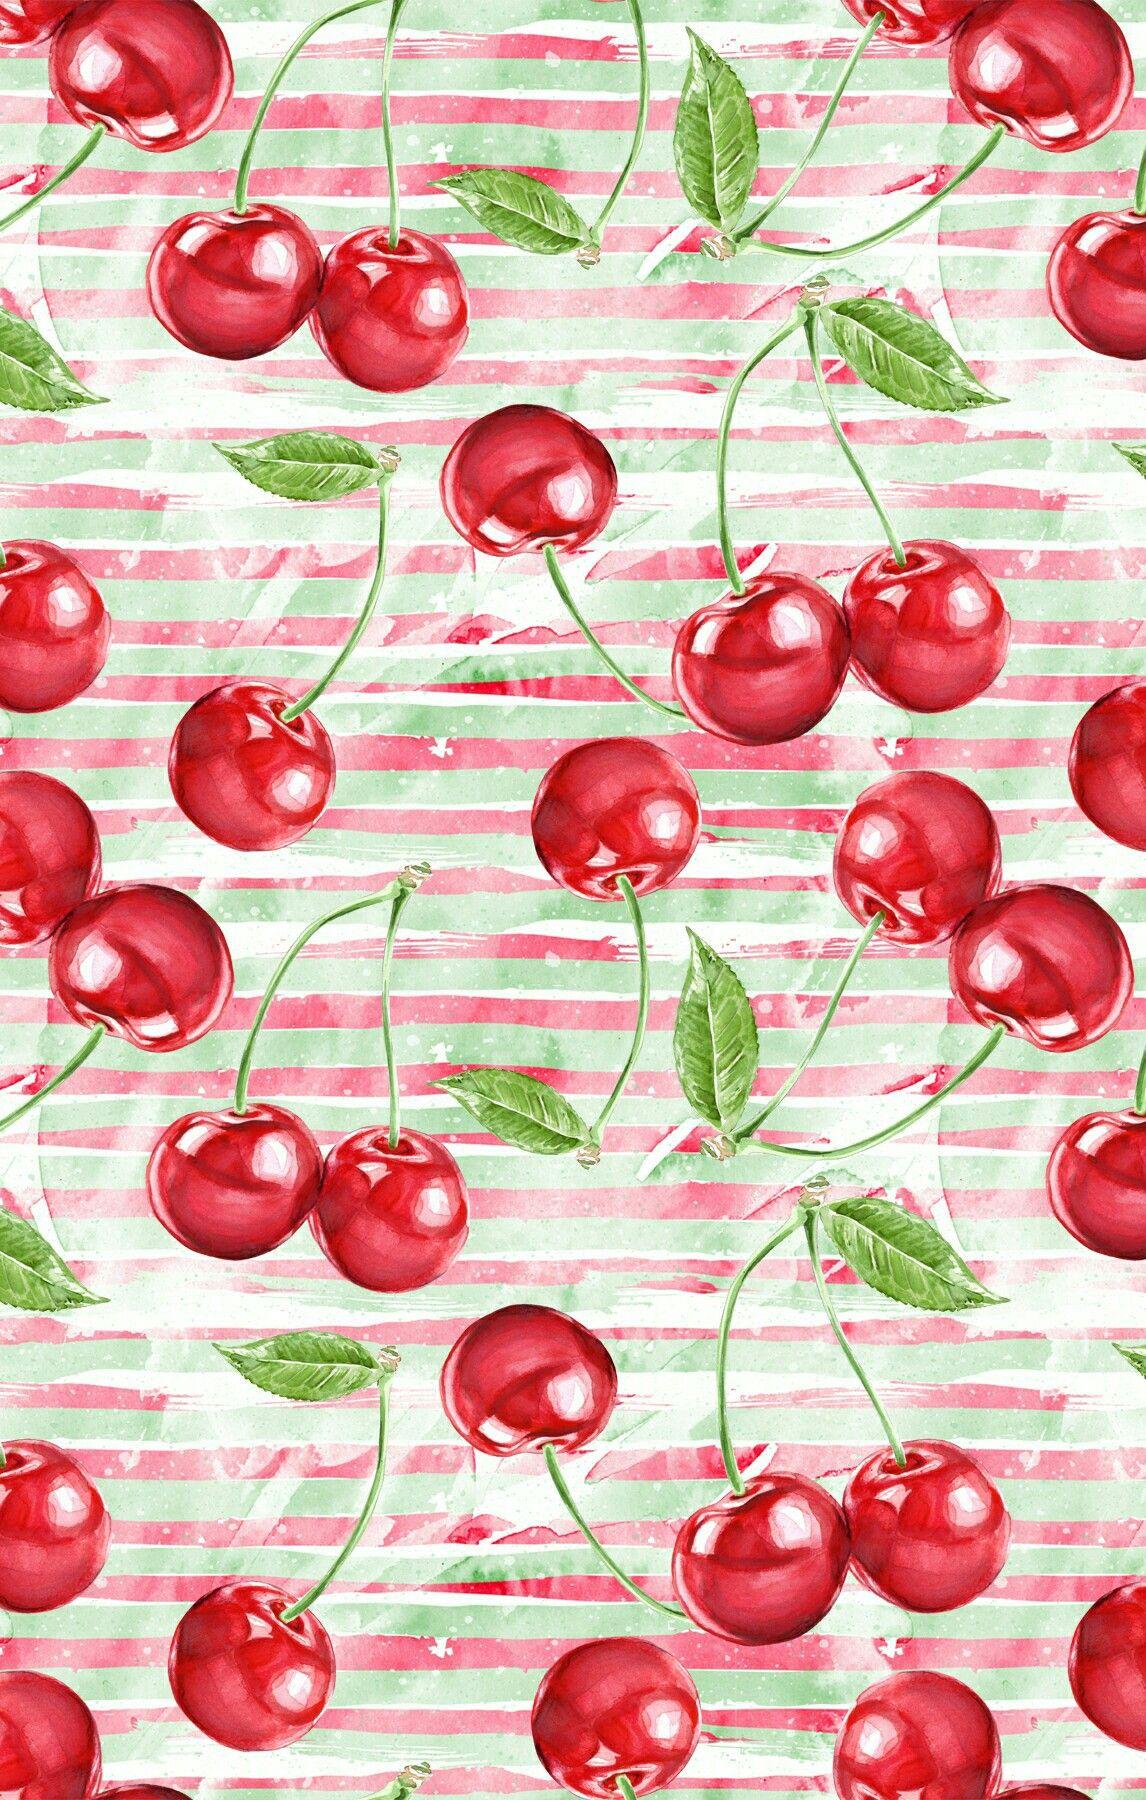 Chimmy cherry Fruit wallpaper